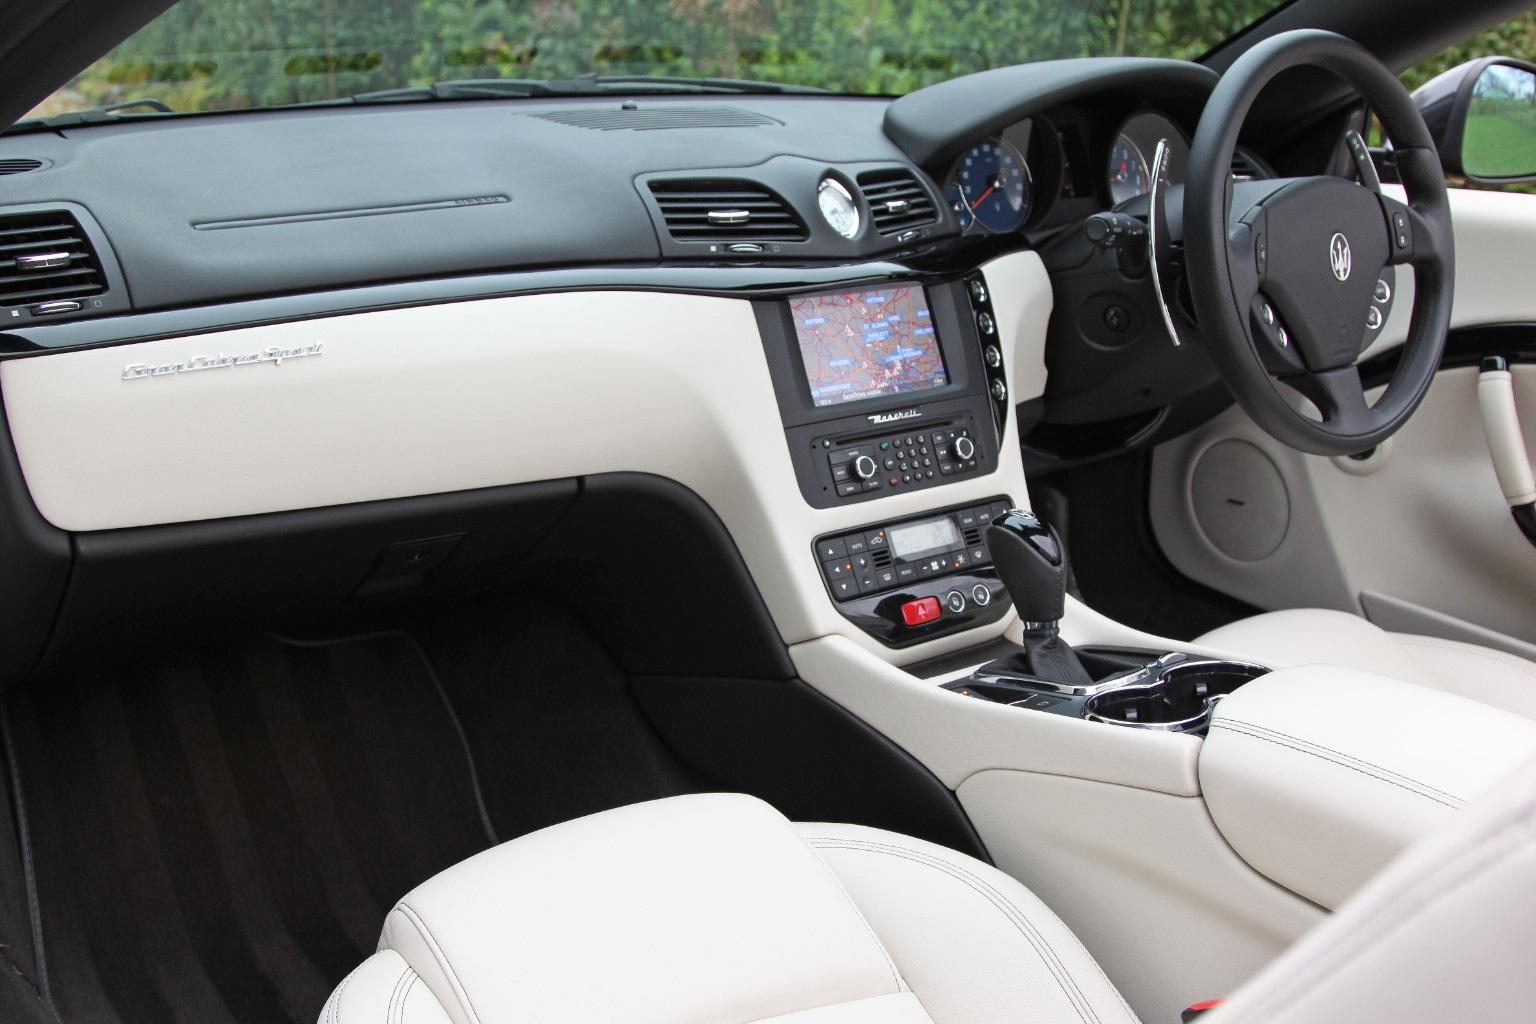 Maserati Grancabrio  Sport - 1 OWNER - 15,000 Miles - Image 8